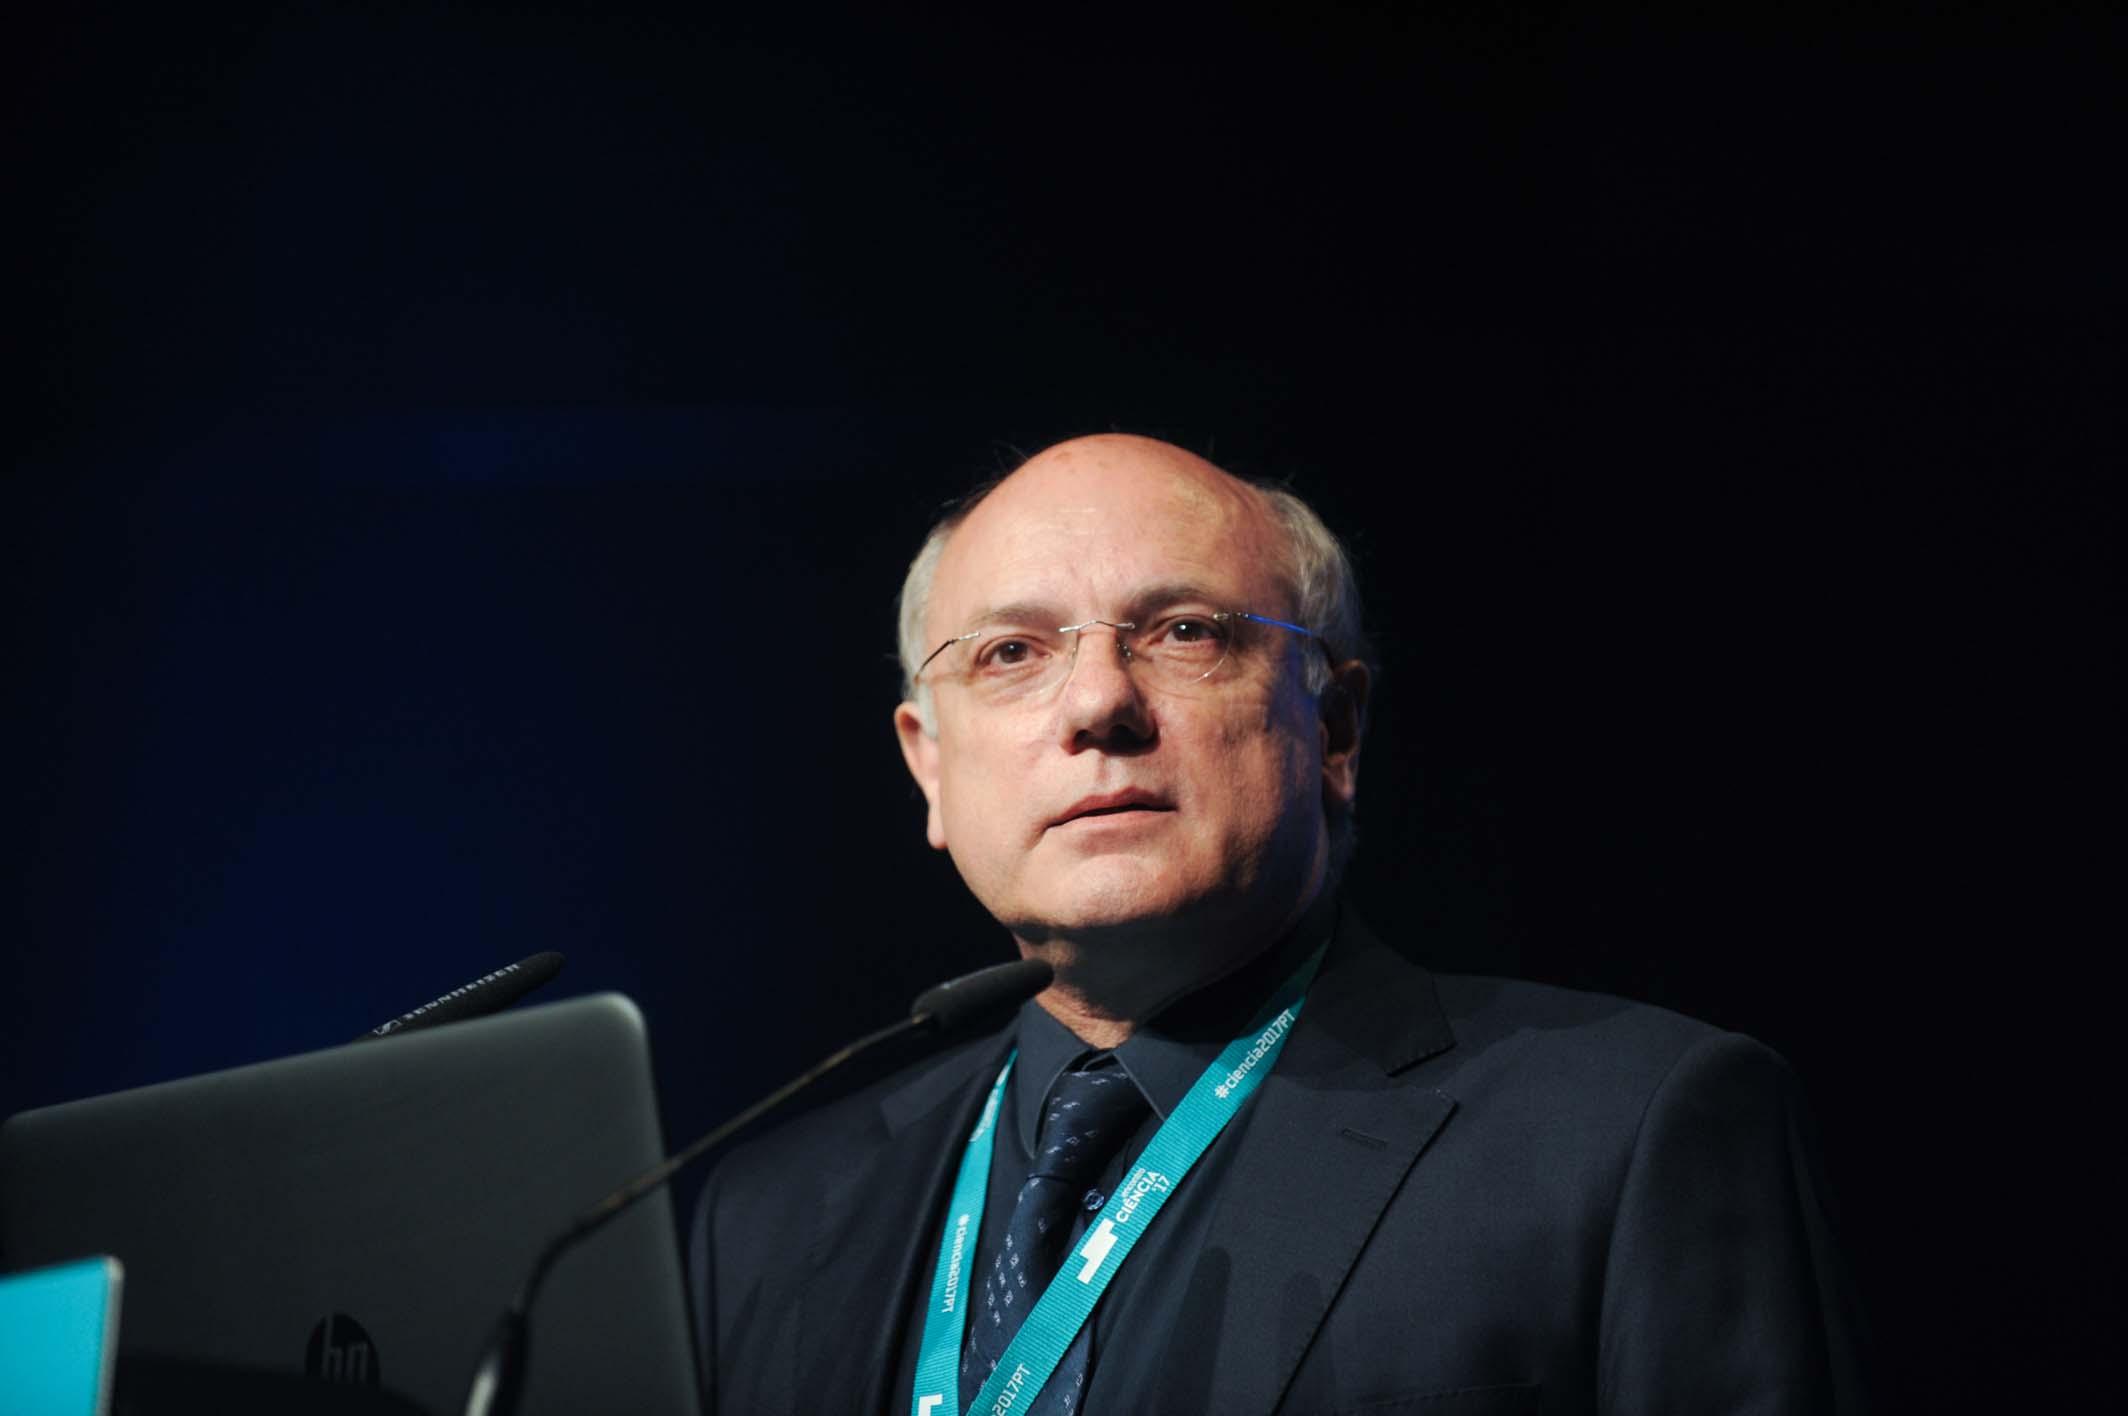 Cientista da Universidade do Porto ministra palestra sobre gestão de ciência e tecnologia